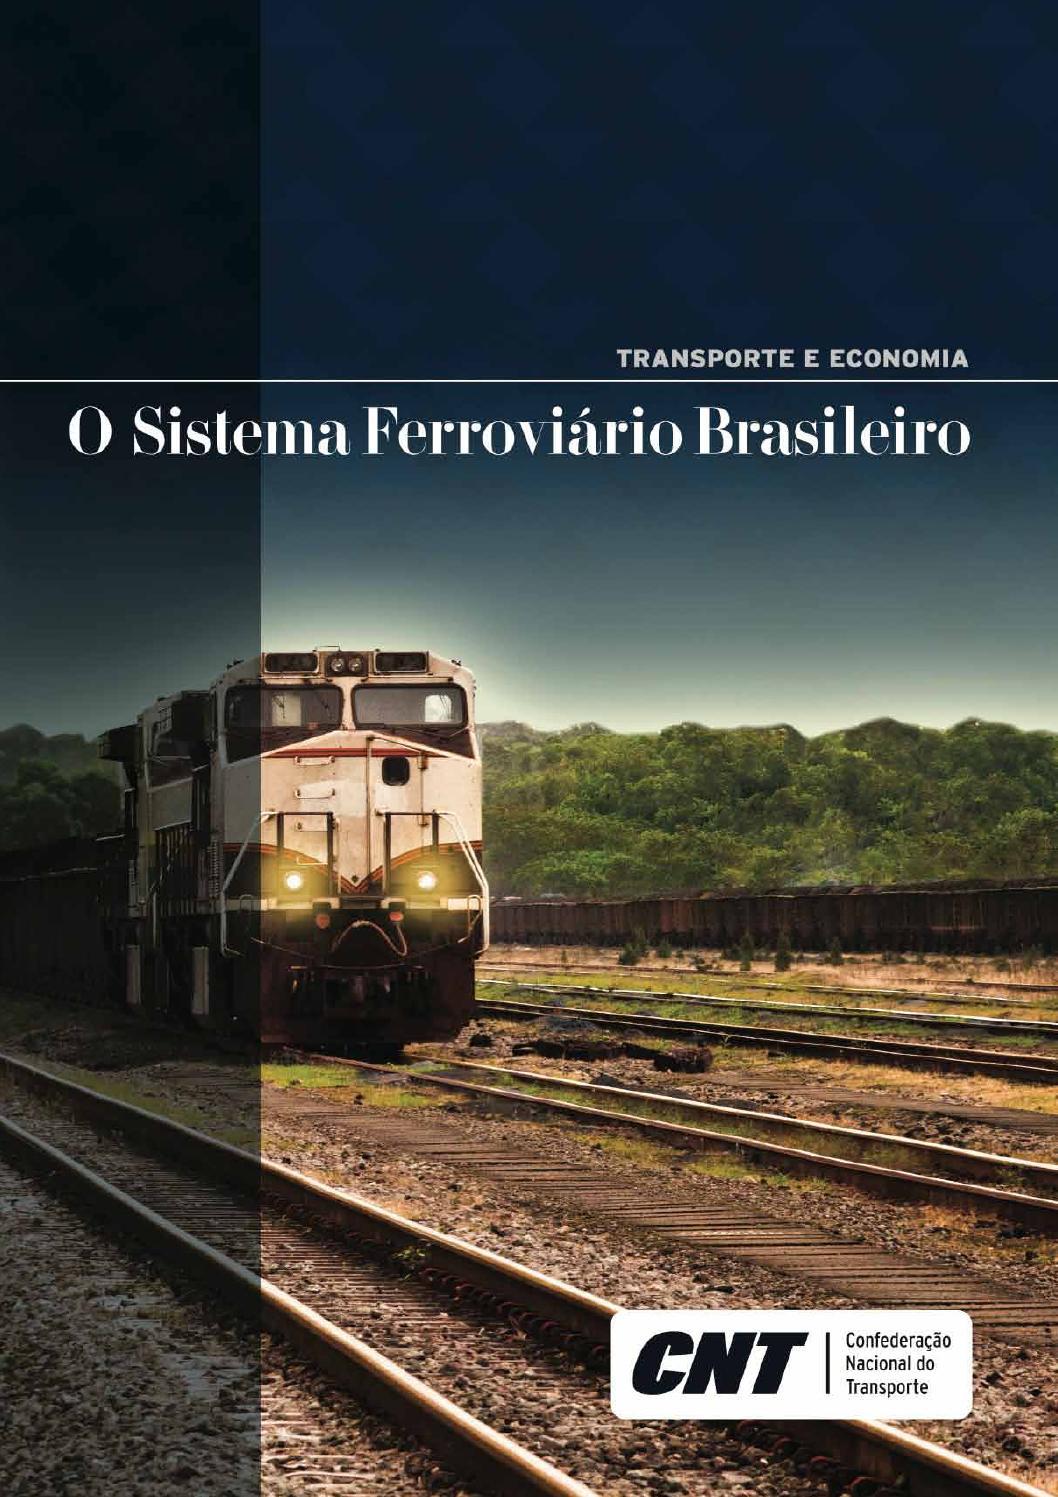 Transporte e Economia: O Sistema Ferroviario Brasileiro by